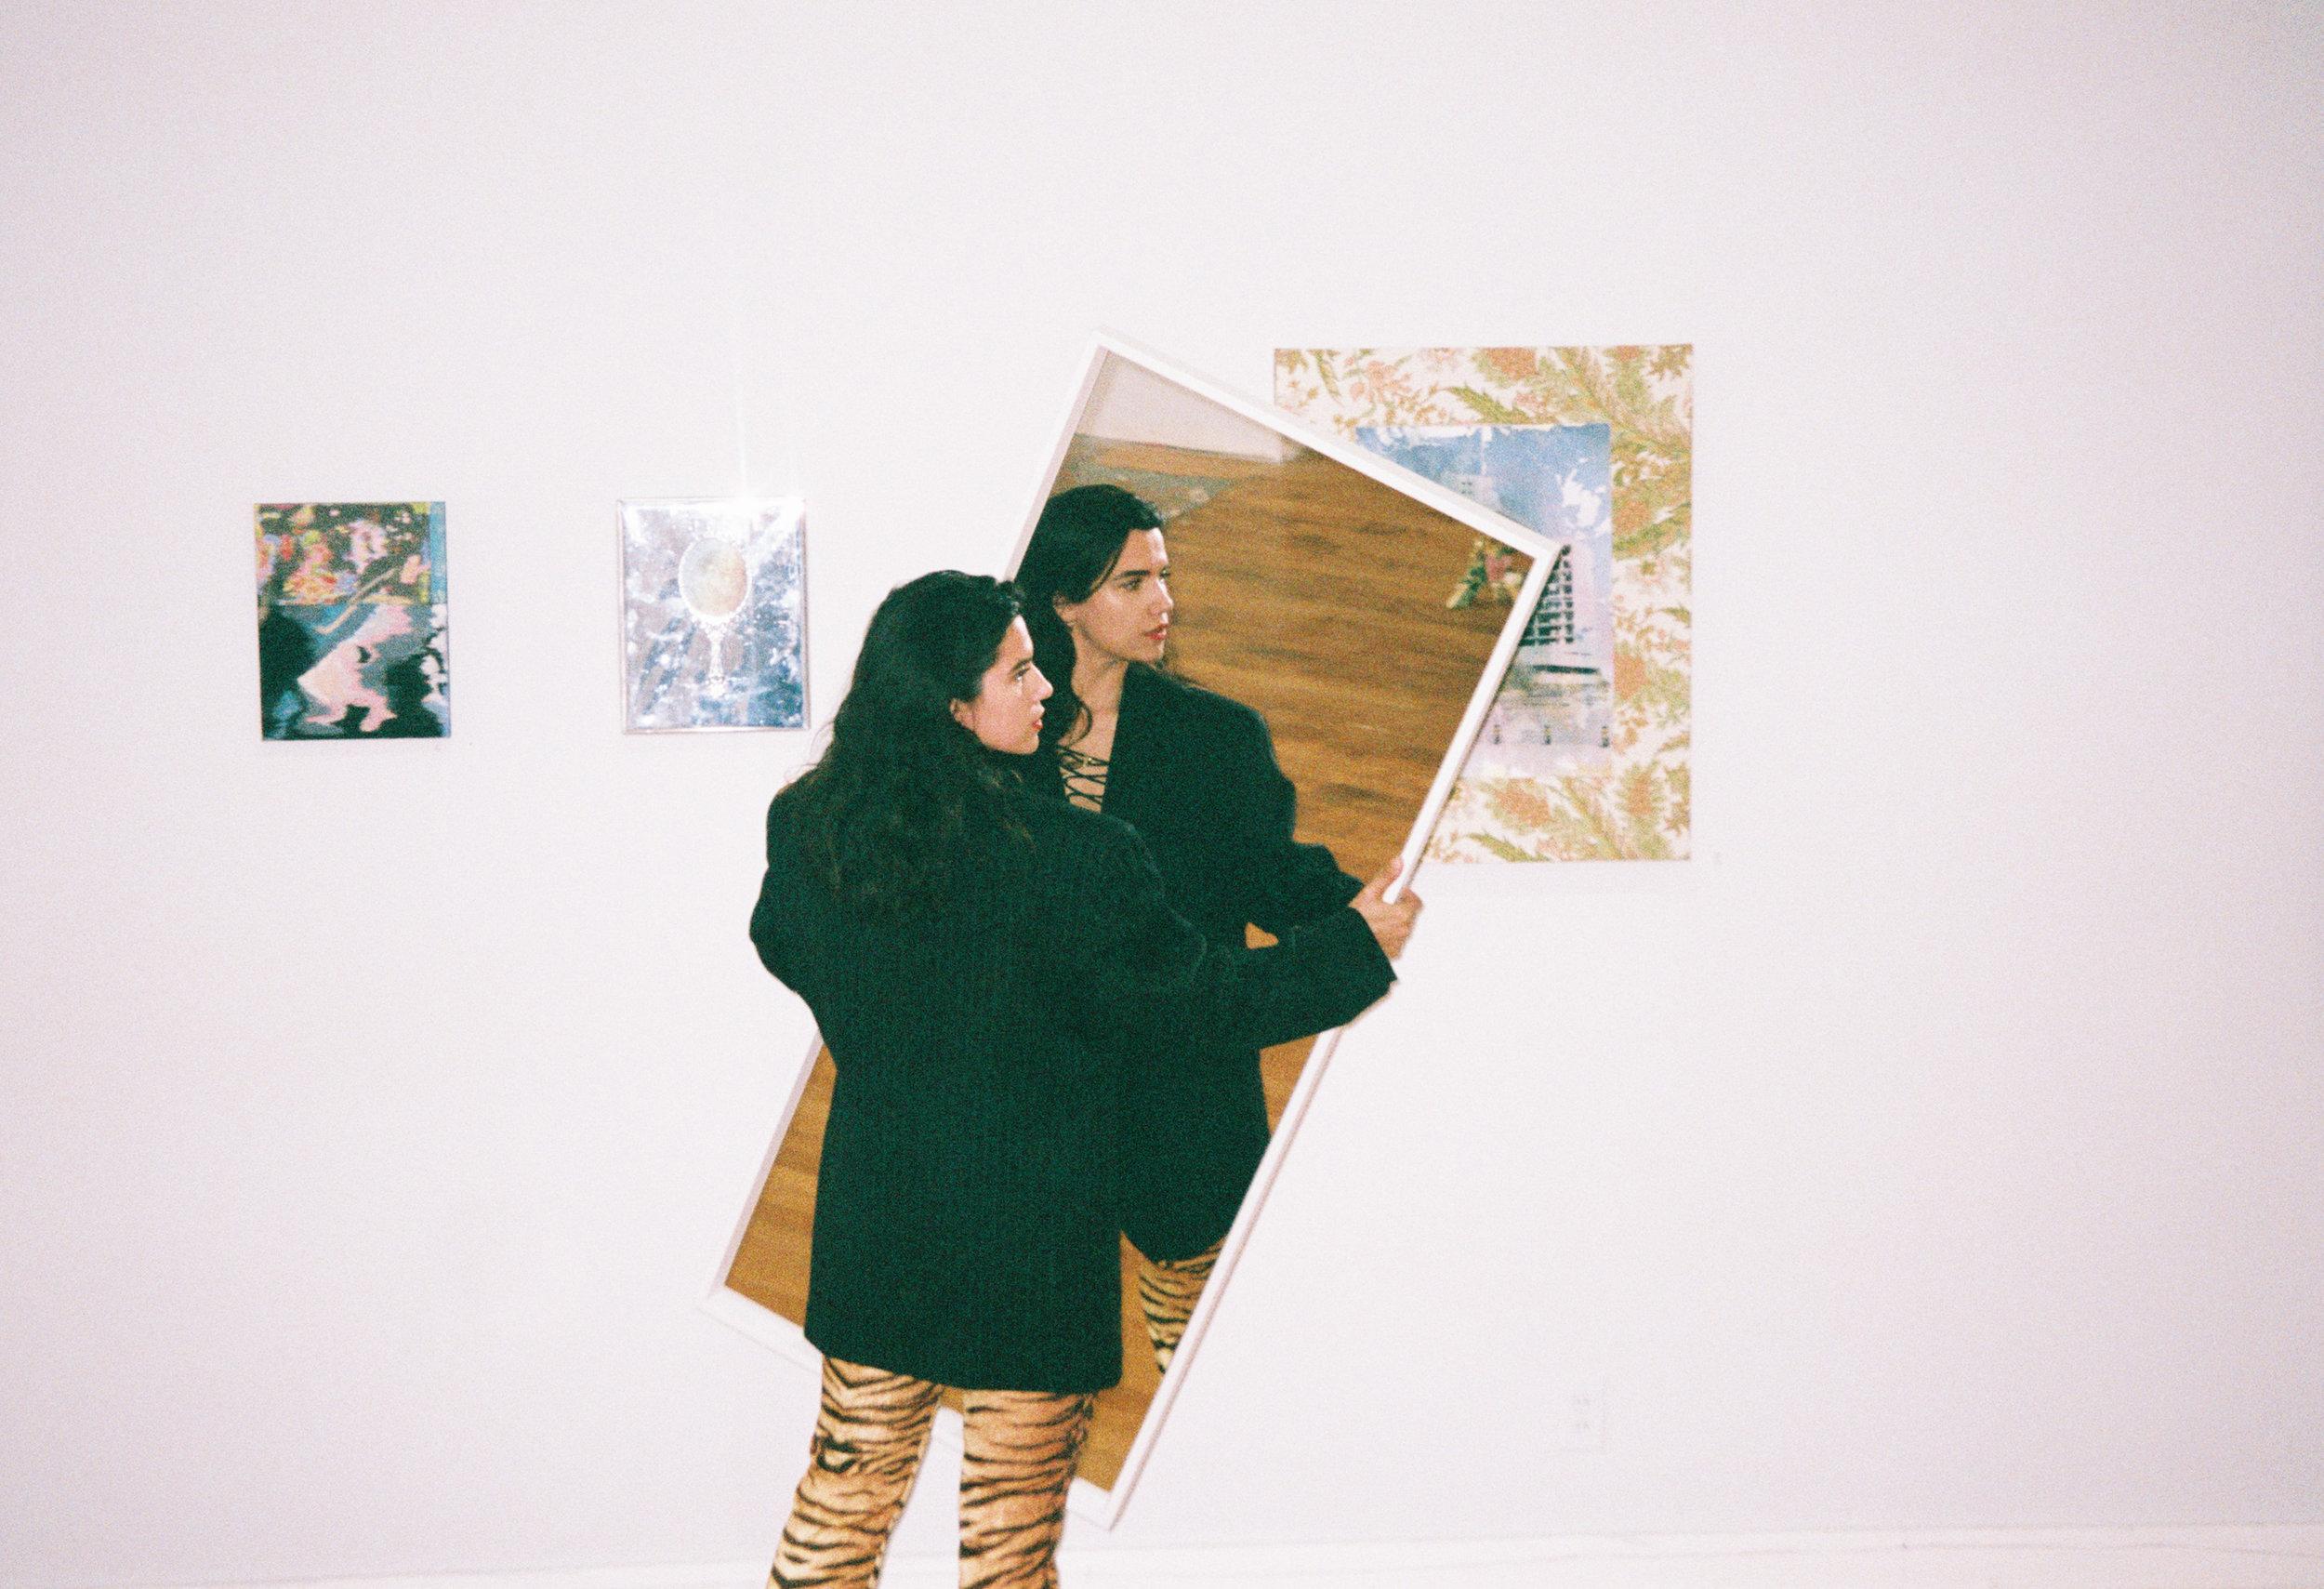 Dessislava Terzieva M Contemporary Art Conversation With the Artist